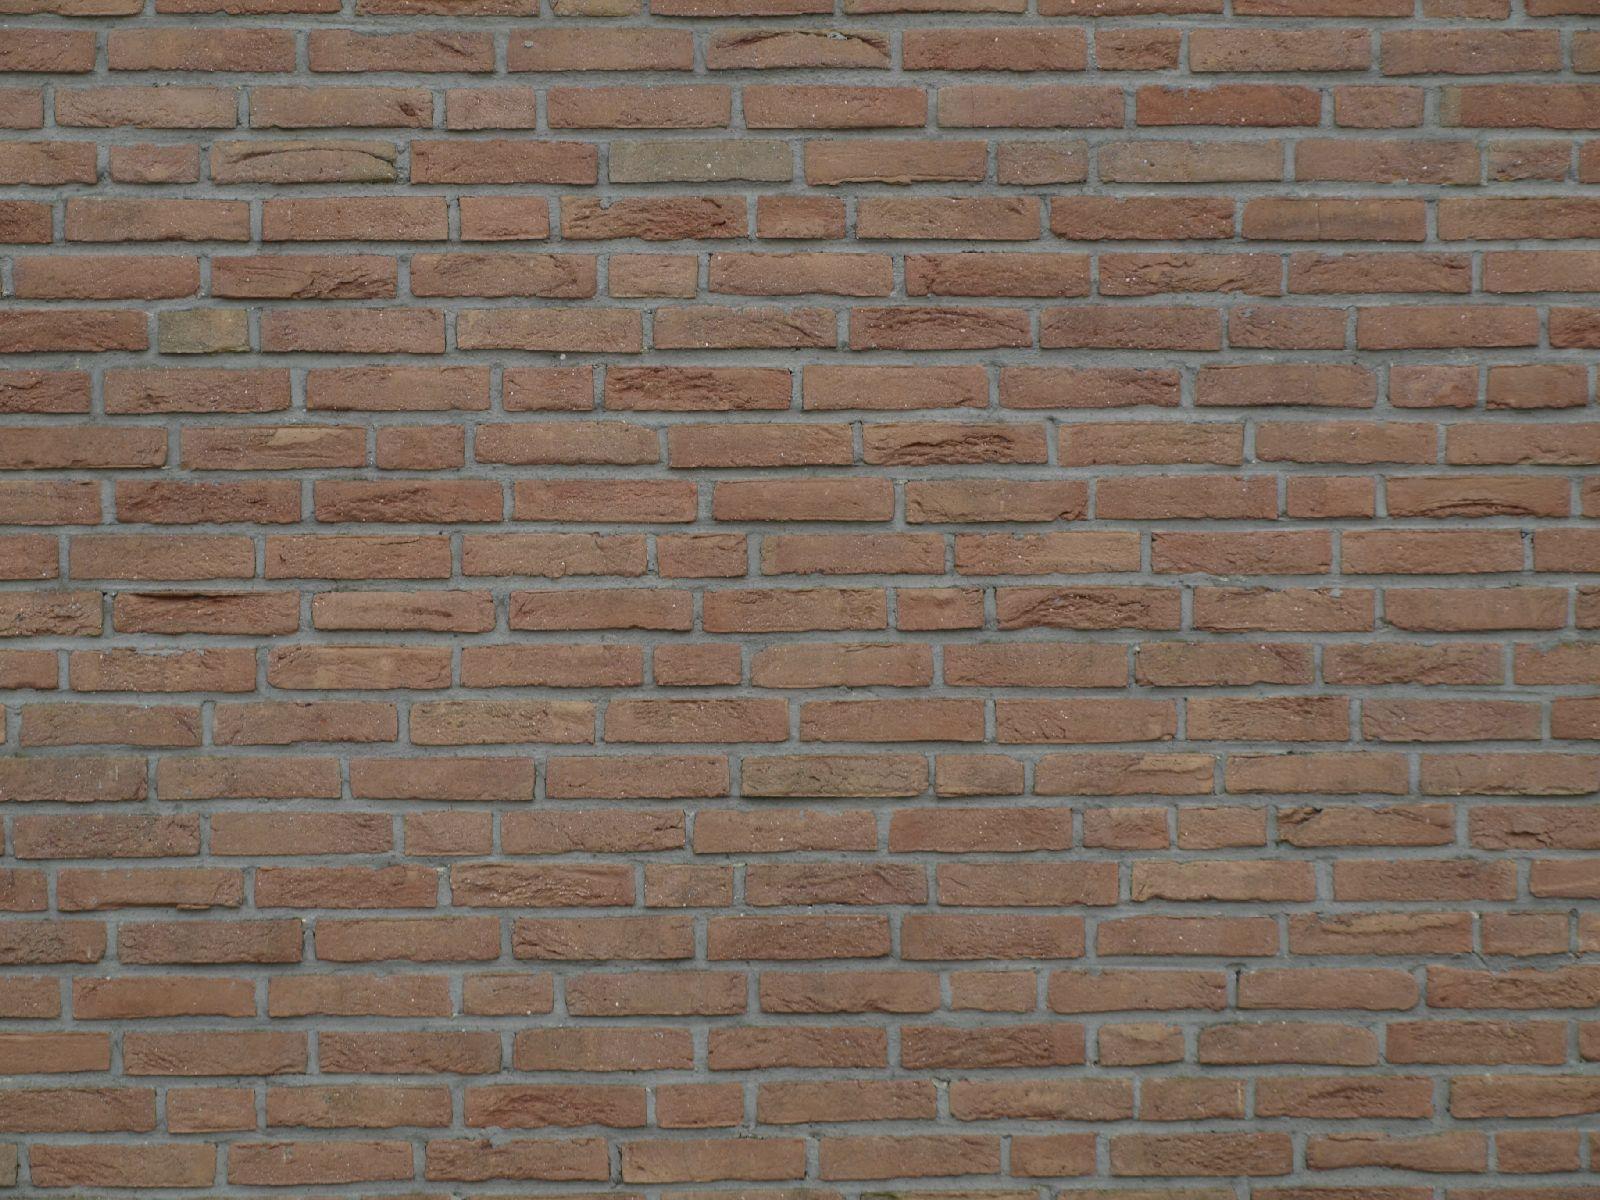 Wand-Mauerwerk-Backstein_Textur_A_PA045723